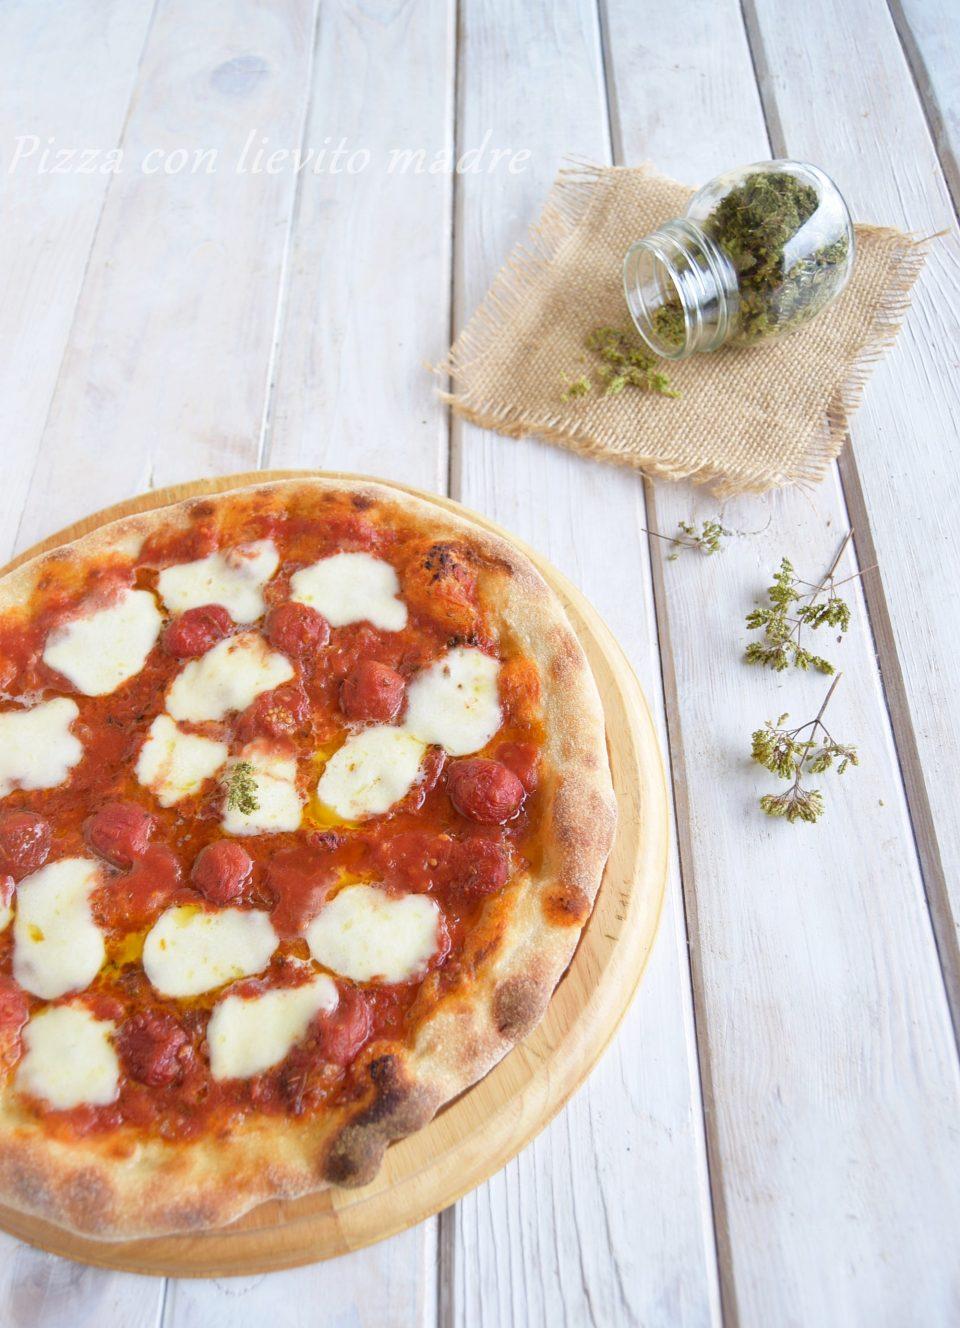 Pizza con lievito madre-ricetta base 24 h di lievitazione